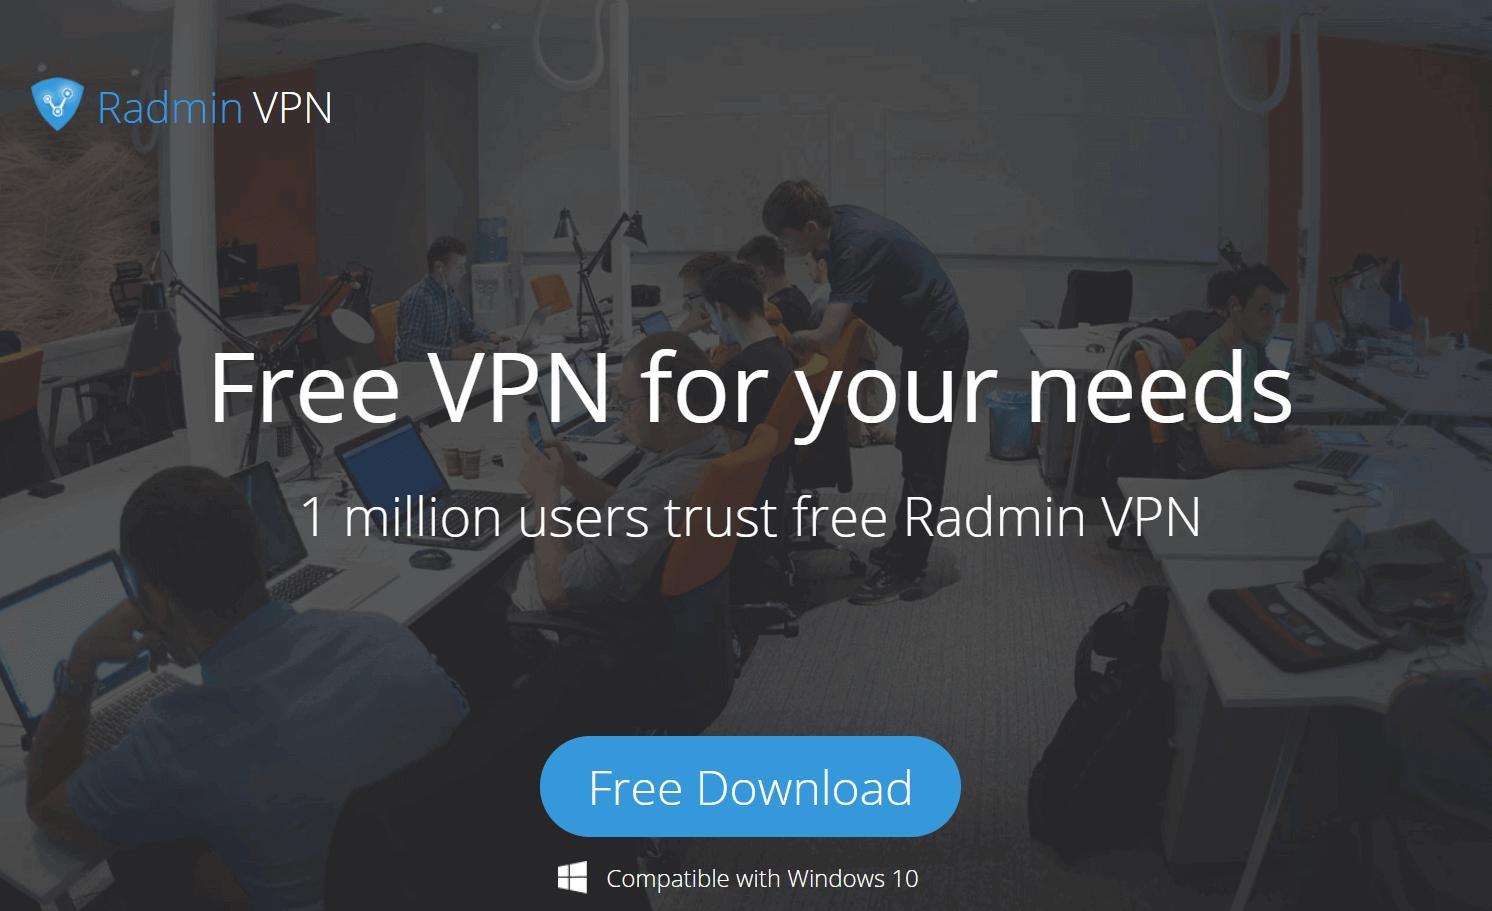 Radmin VPN